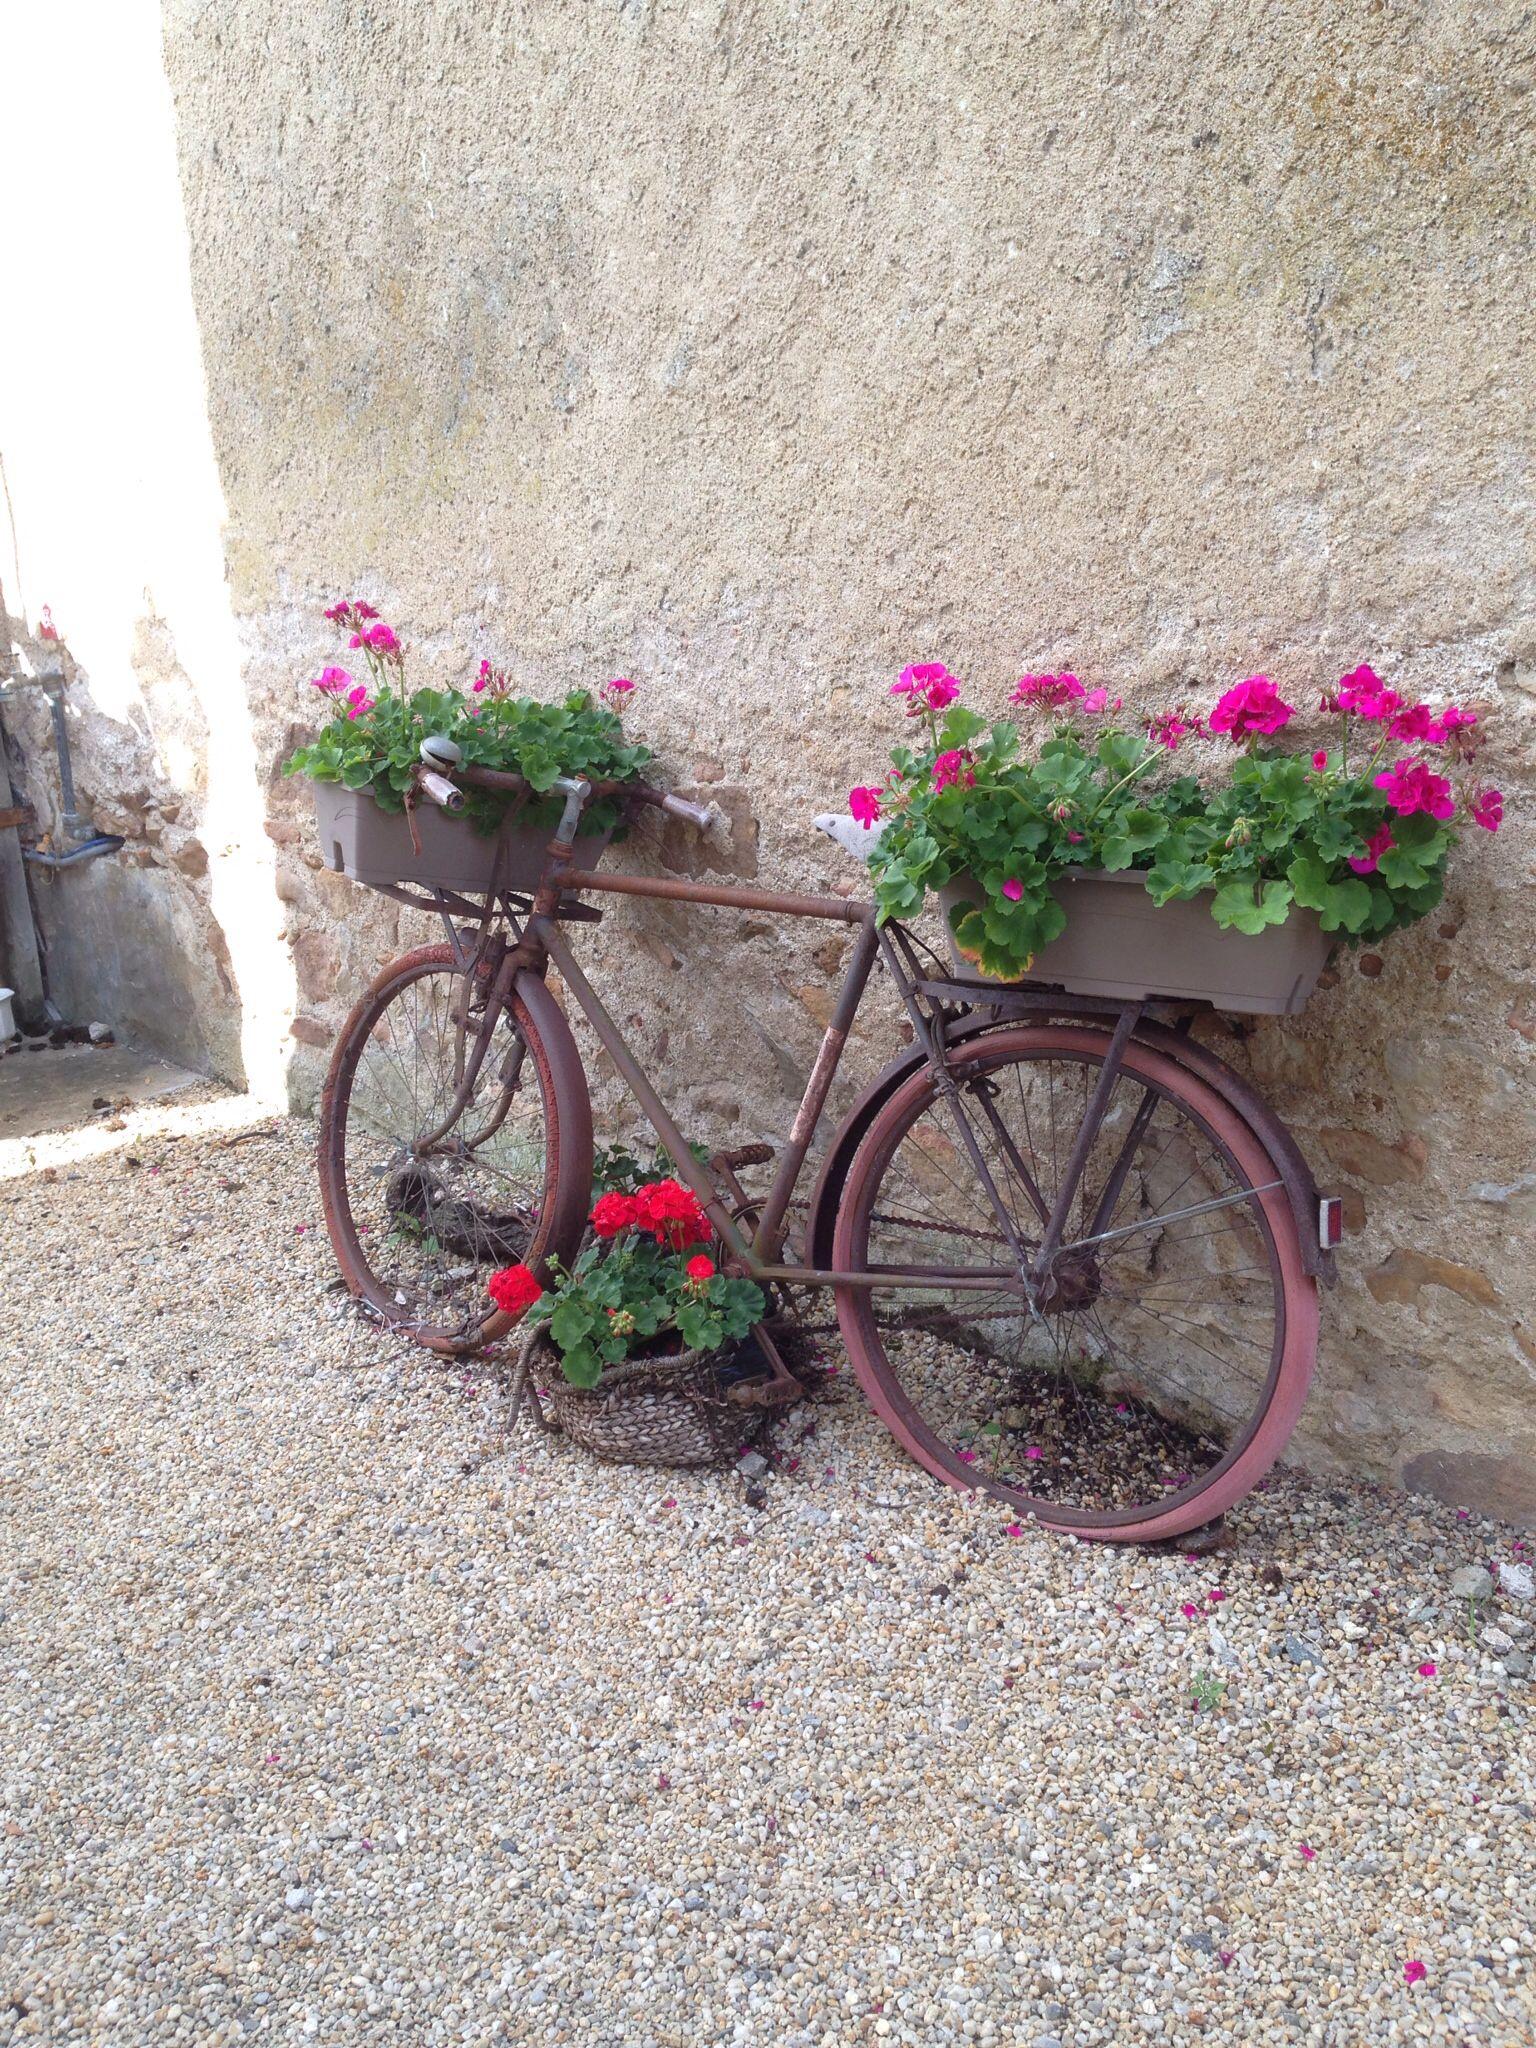 Blomstercykel